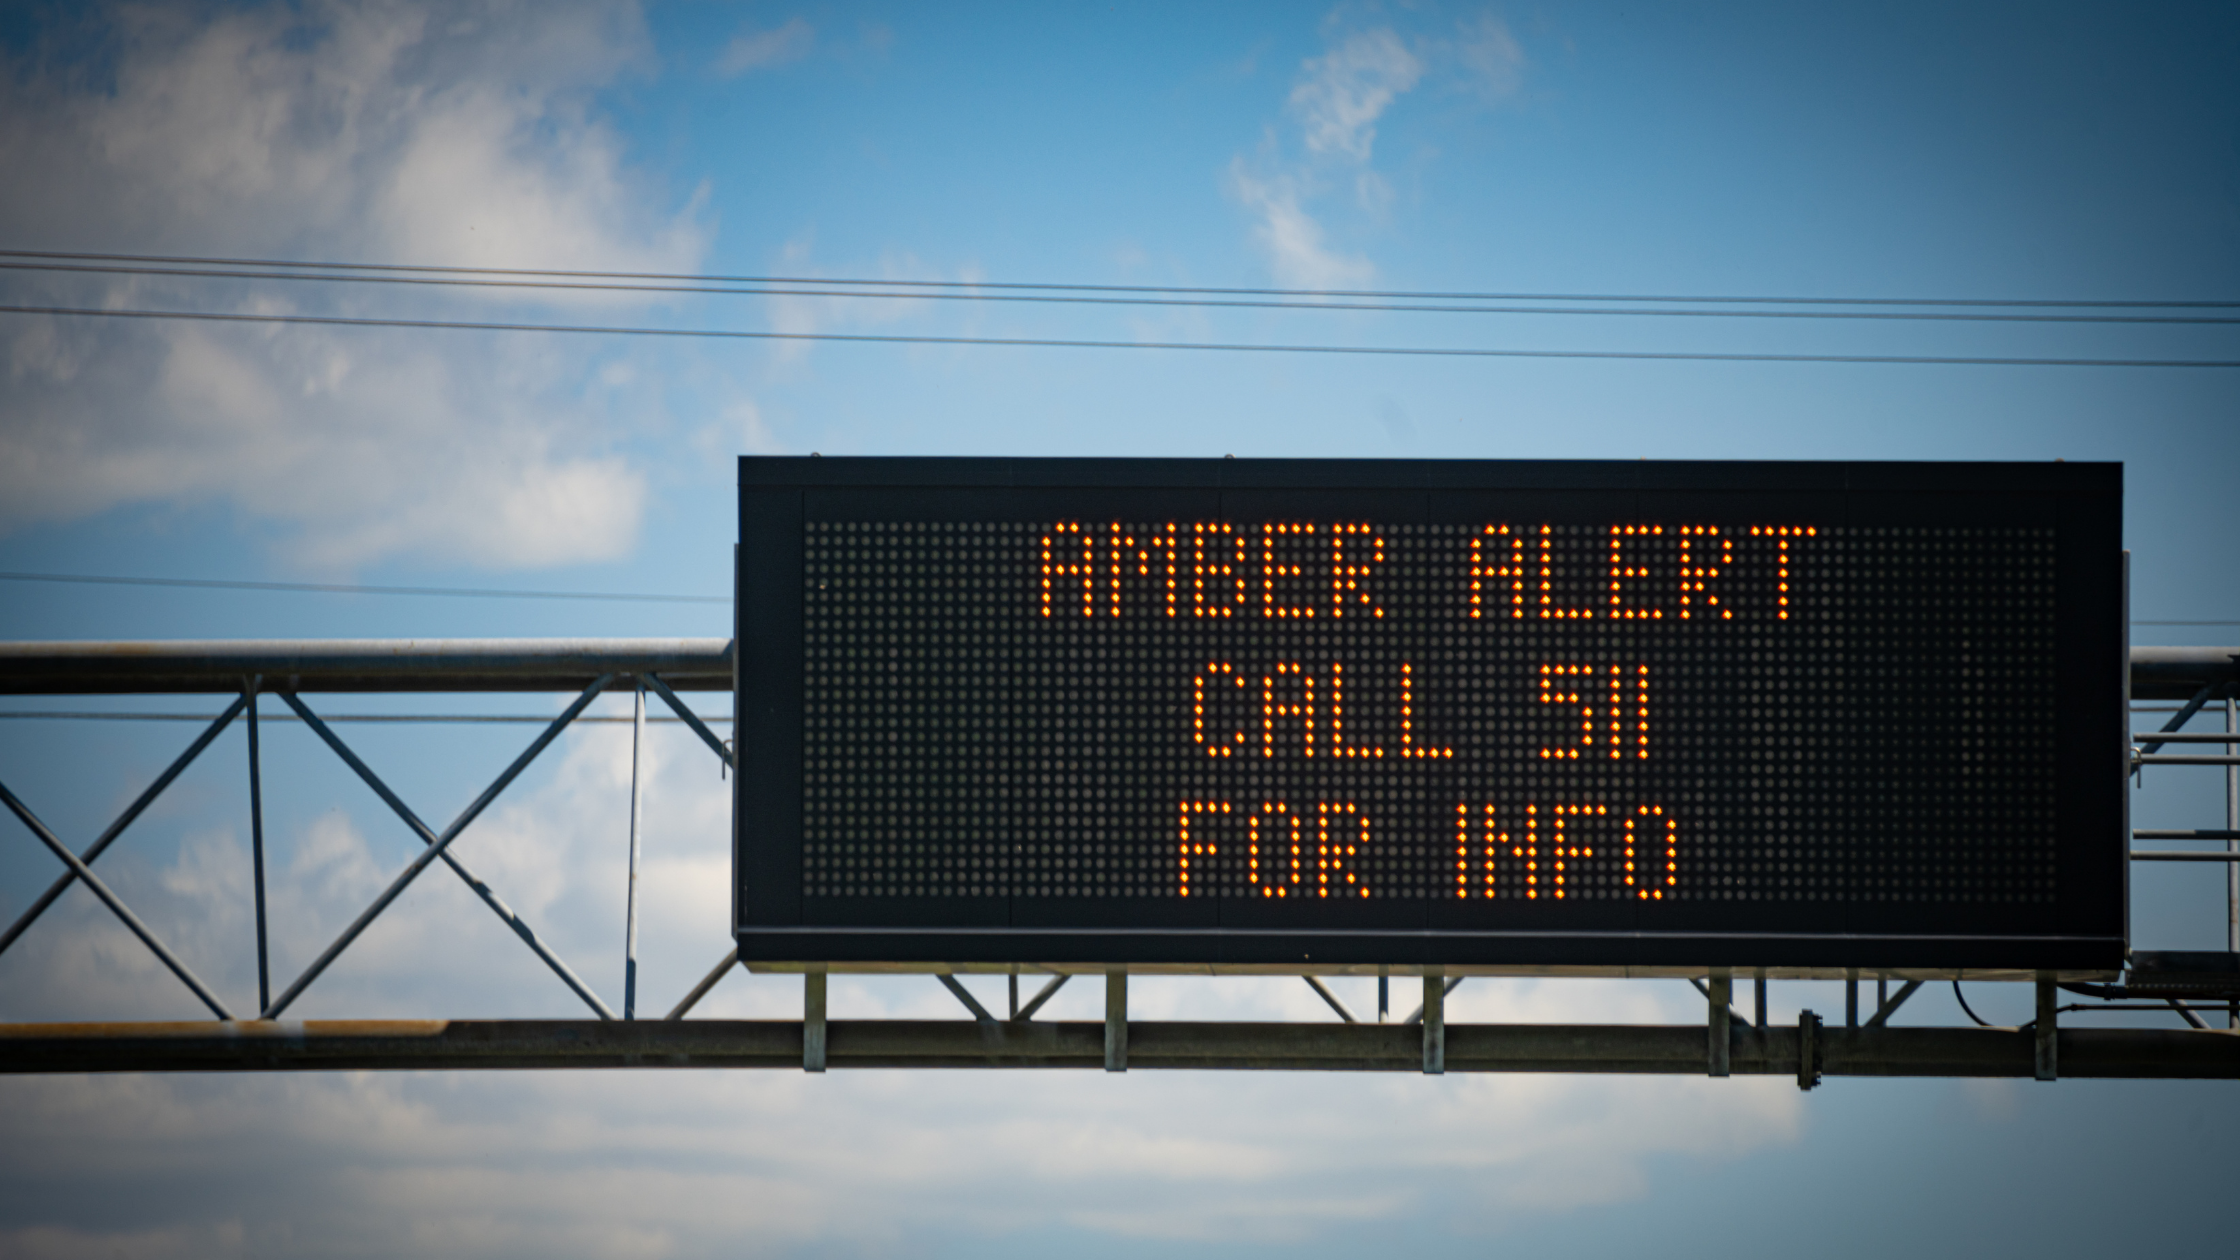 Highway Alert System